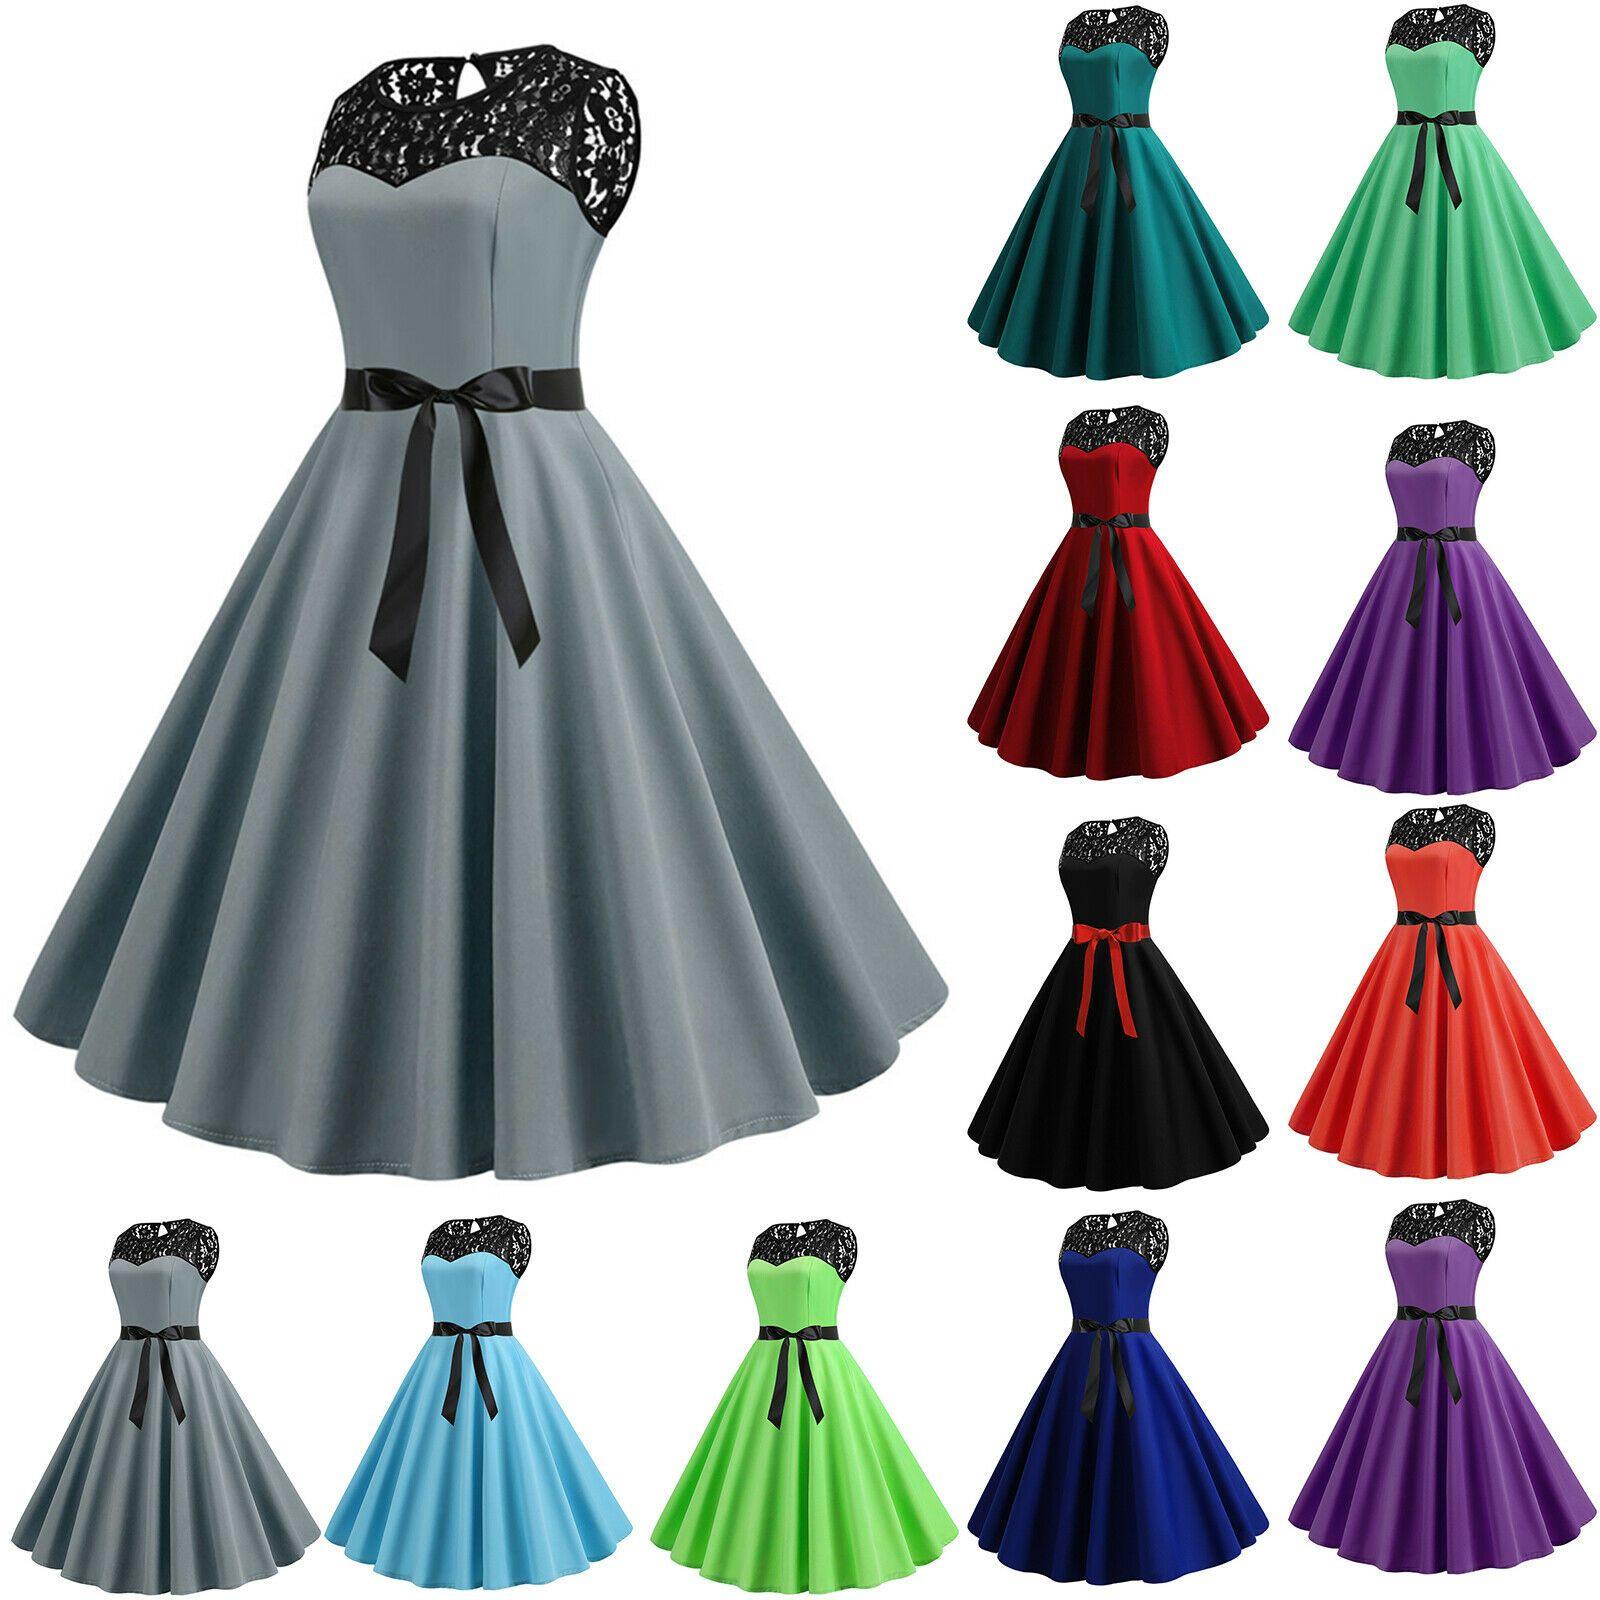 13 Fantastisch Damen Abend Kleid StylishFormal Schön Damen Abend Kleid Boutique